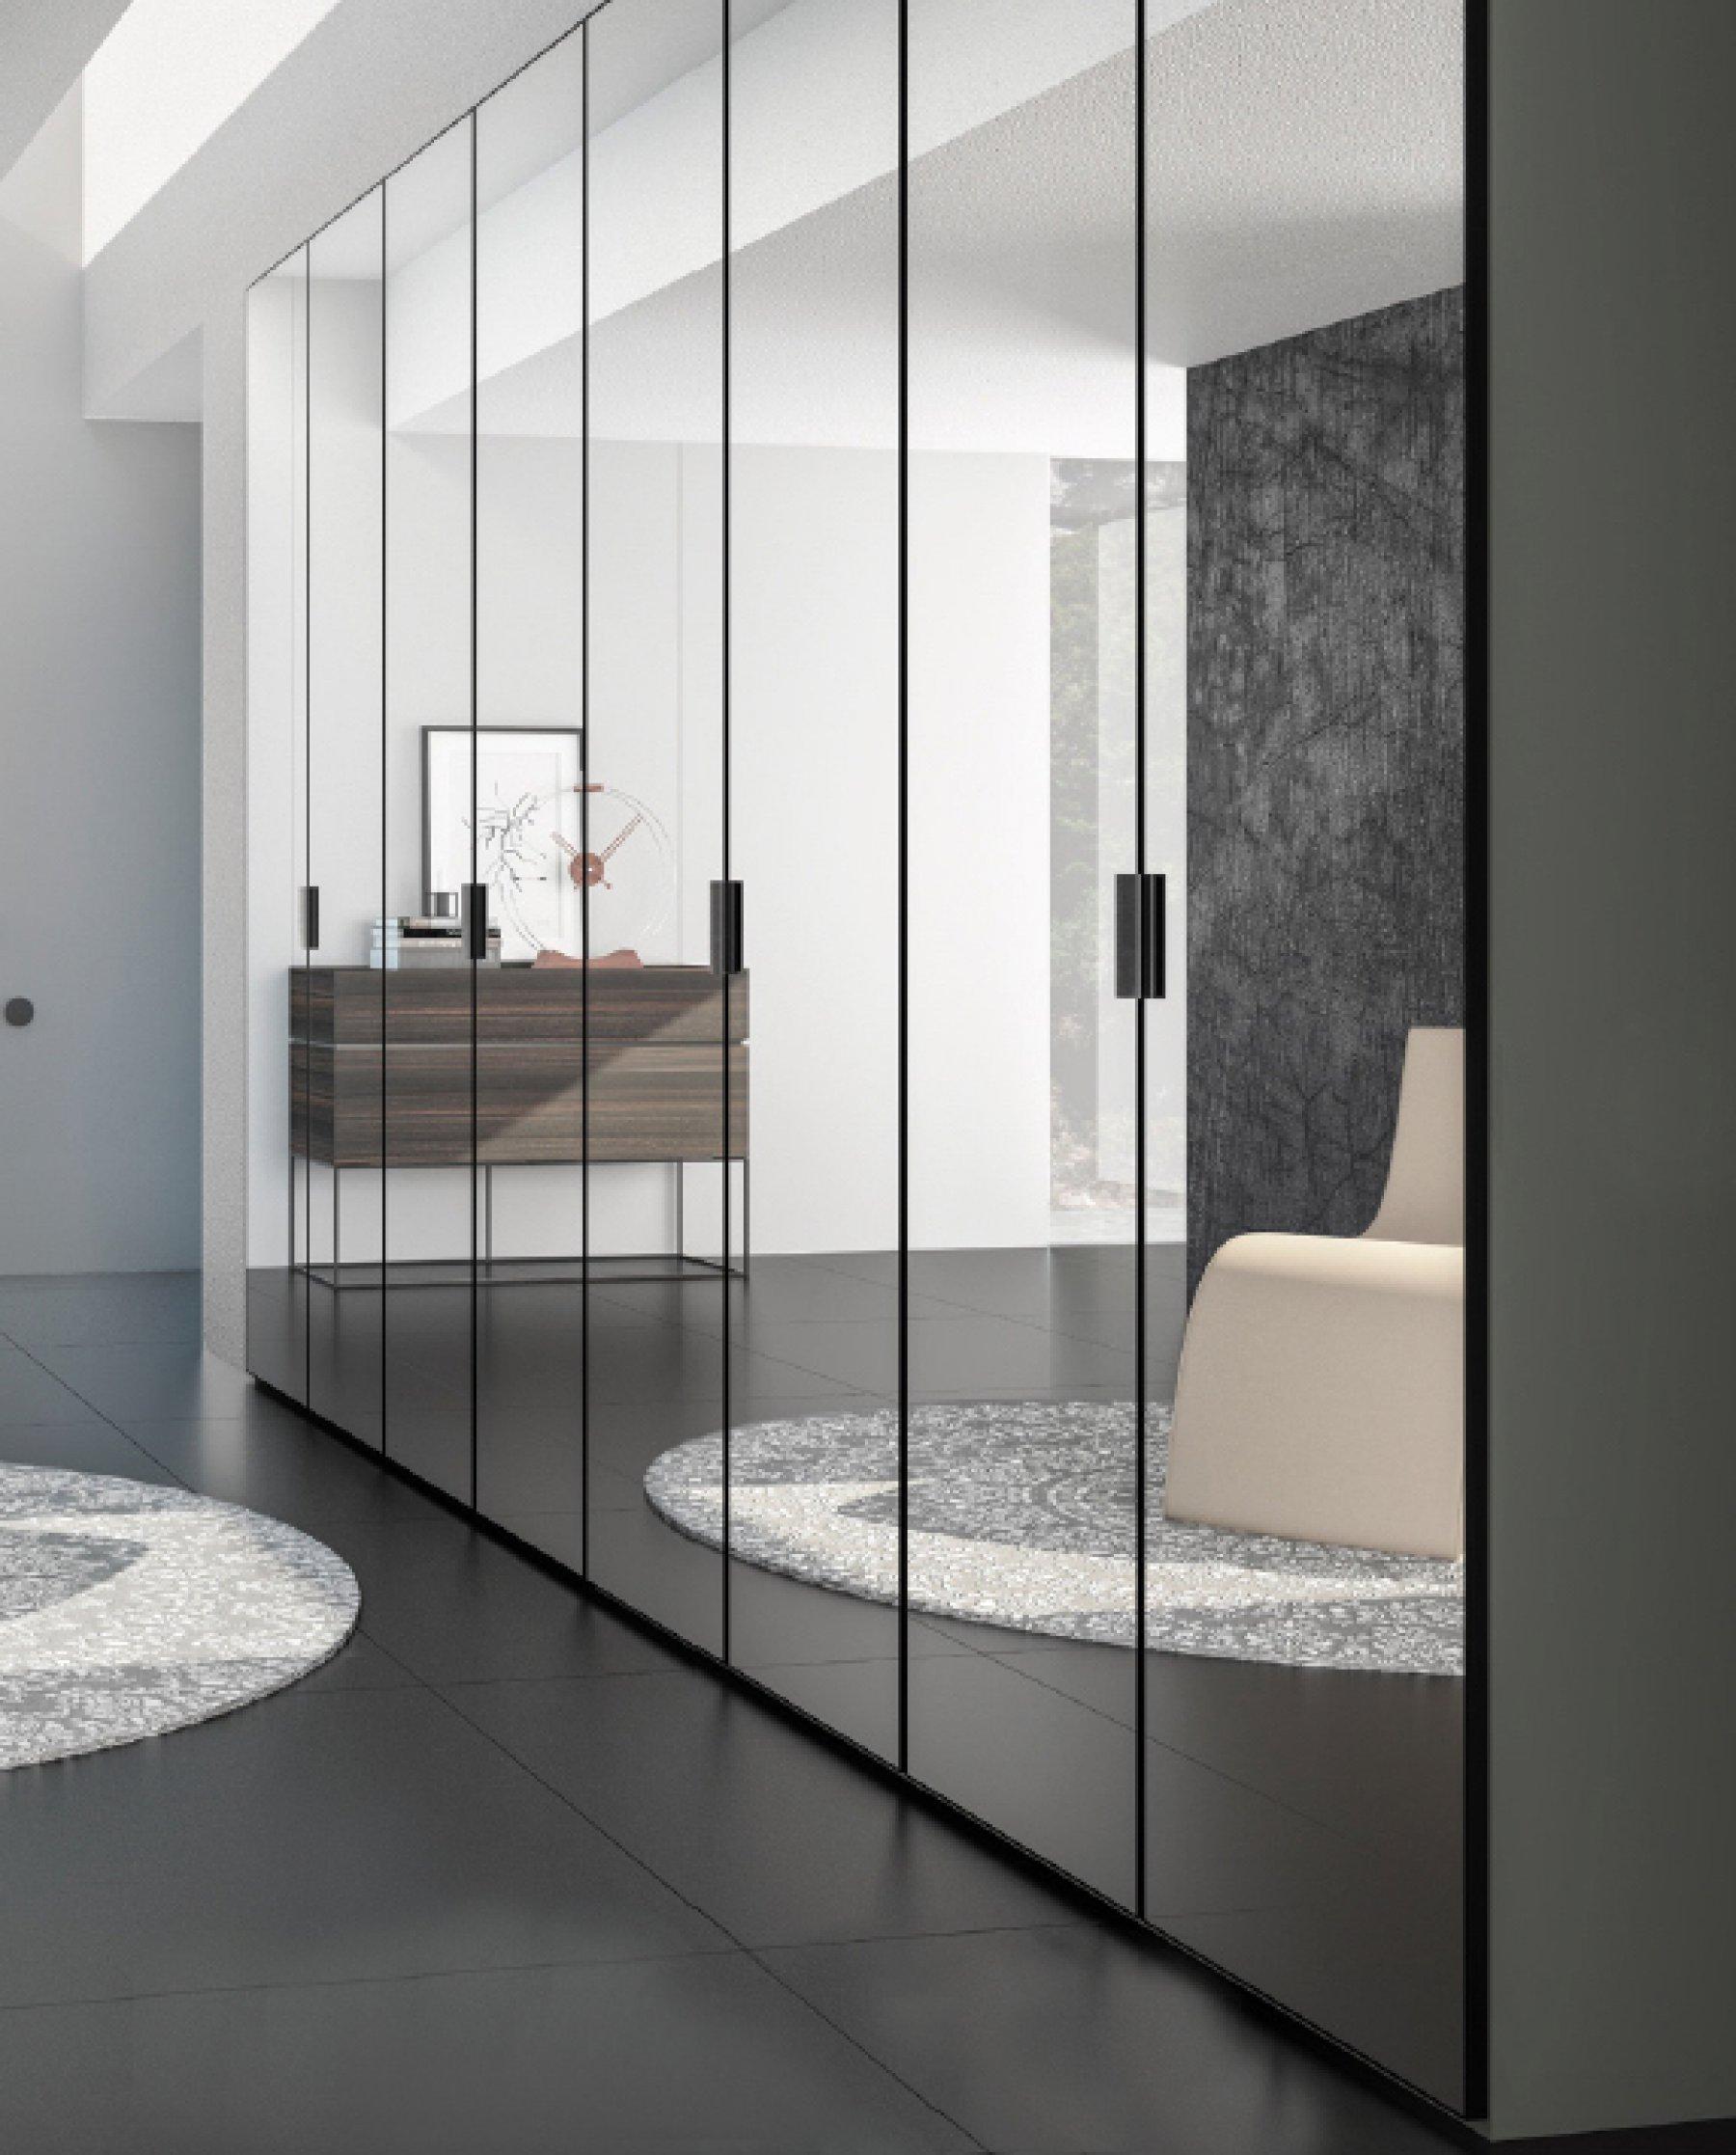 Armarios con espejo para dormitorio encuentra mueble con for Espejos de cuerpo entero baratos